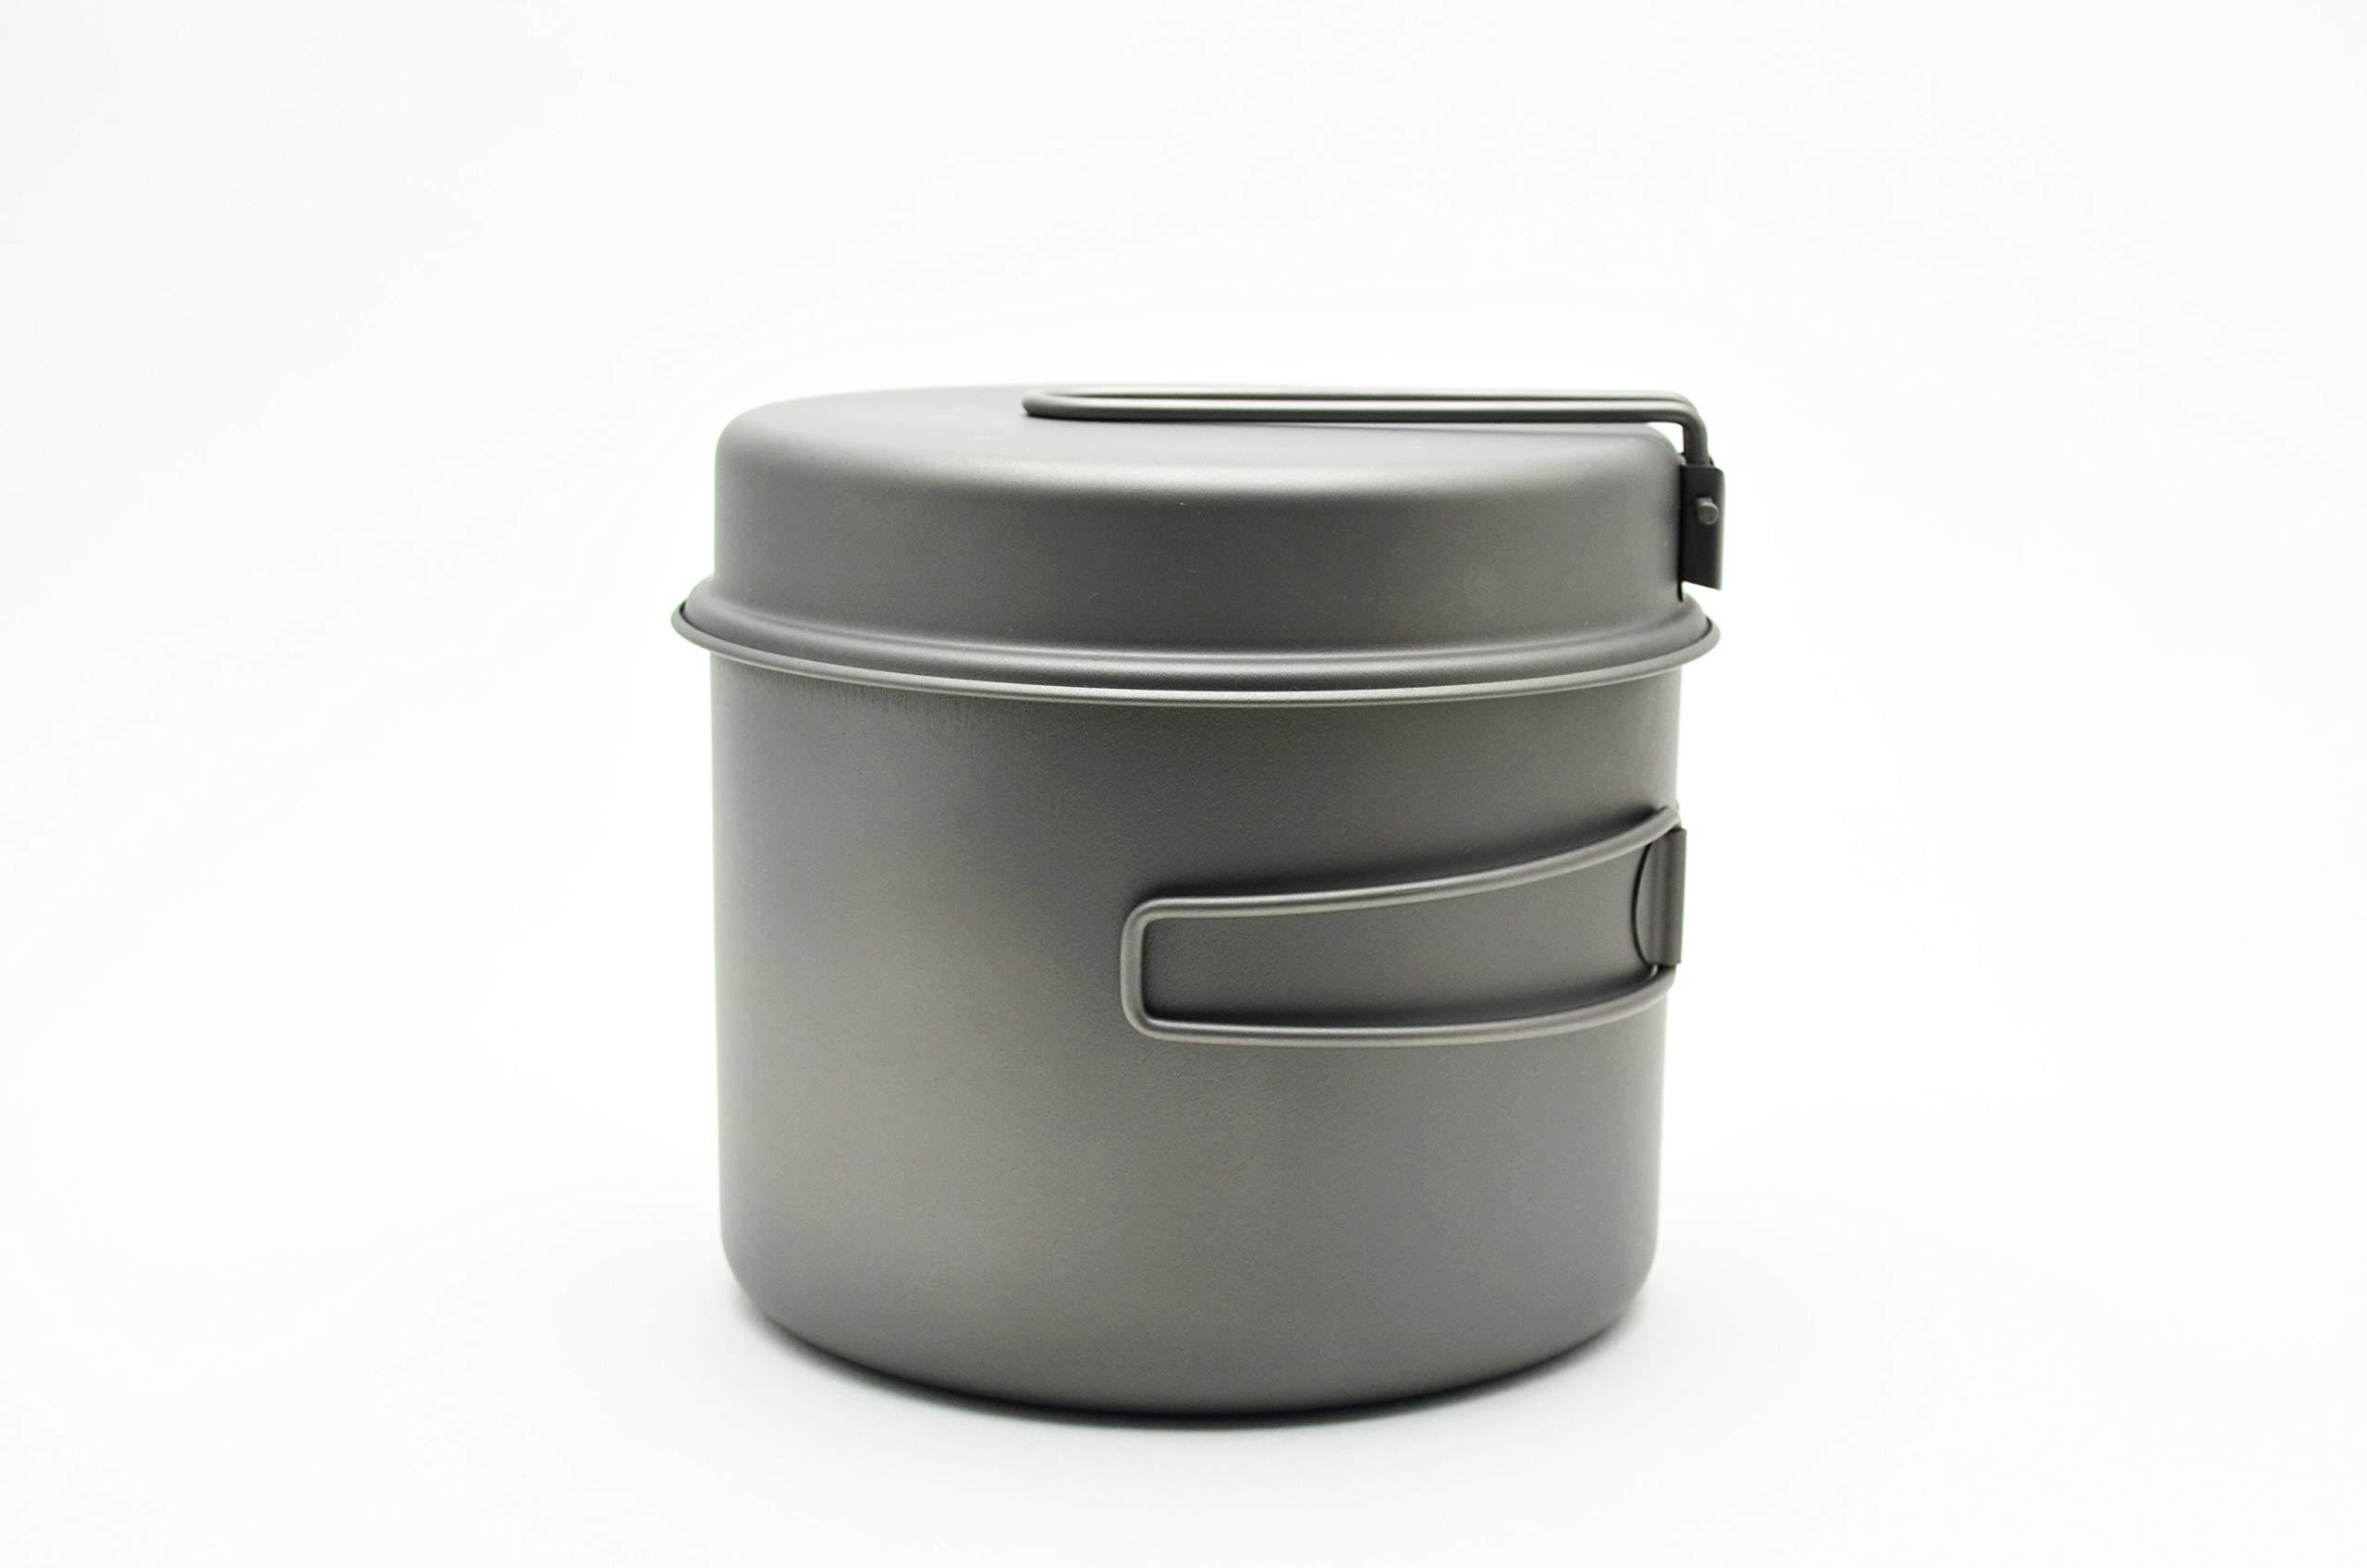 TOAKS Titanium 1600ml Pot with Pan by TOAKS